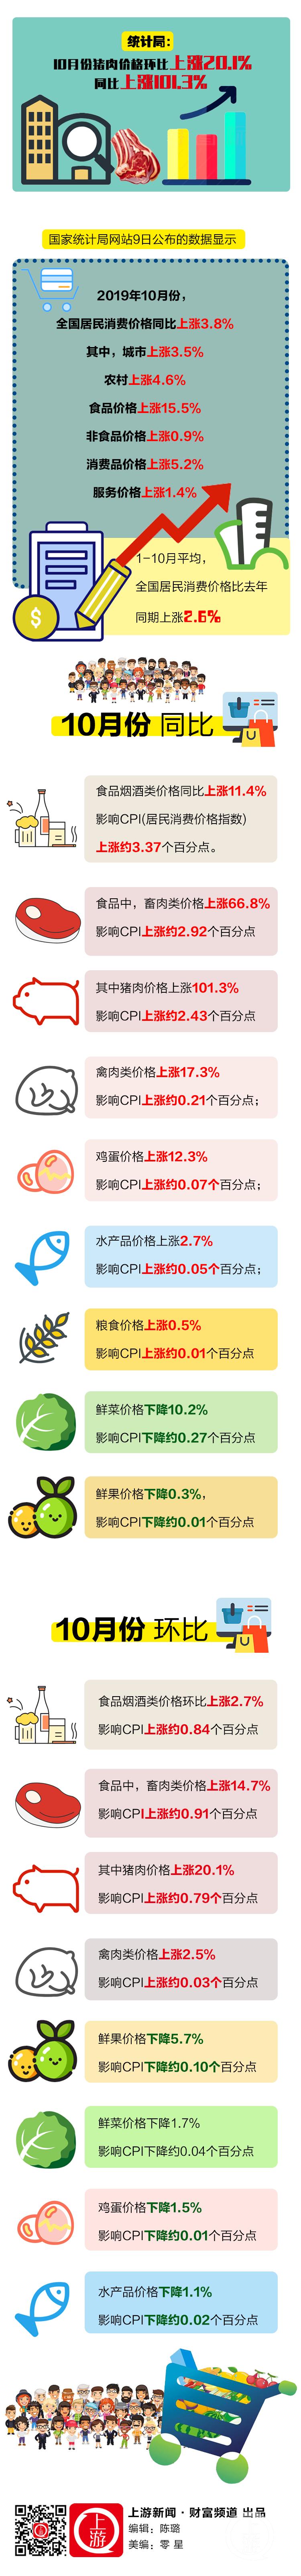 统计局:10月份猪肉价格环比上涨20.1%,同比上涨101.png